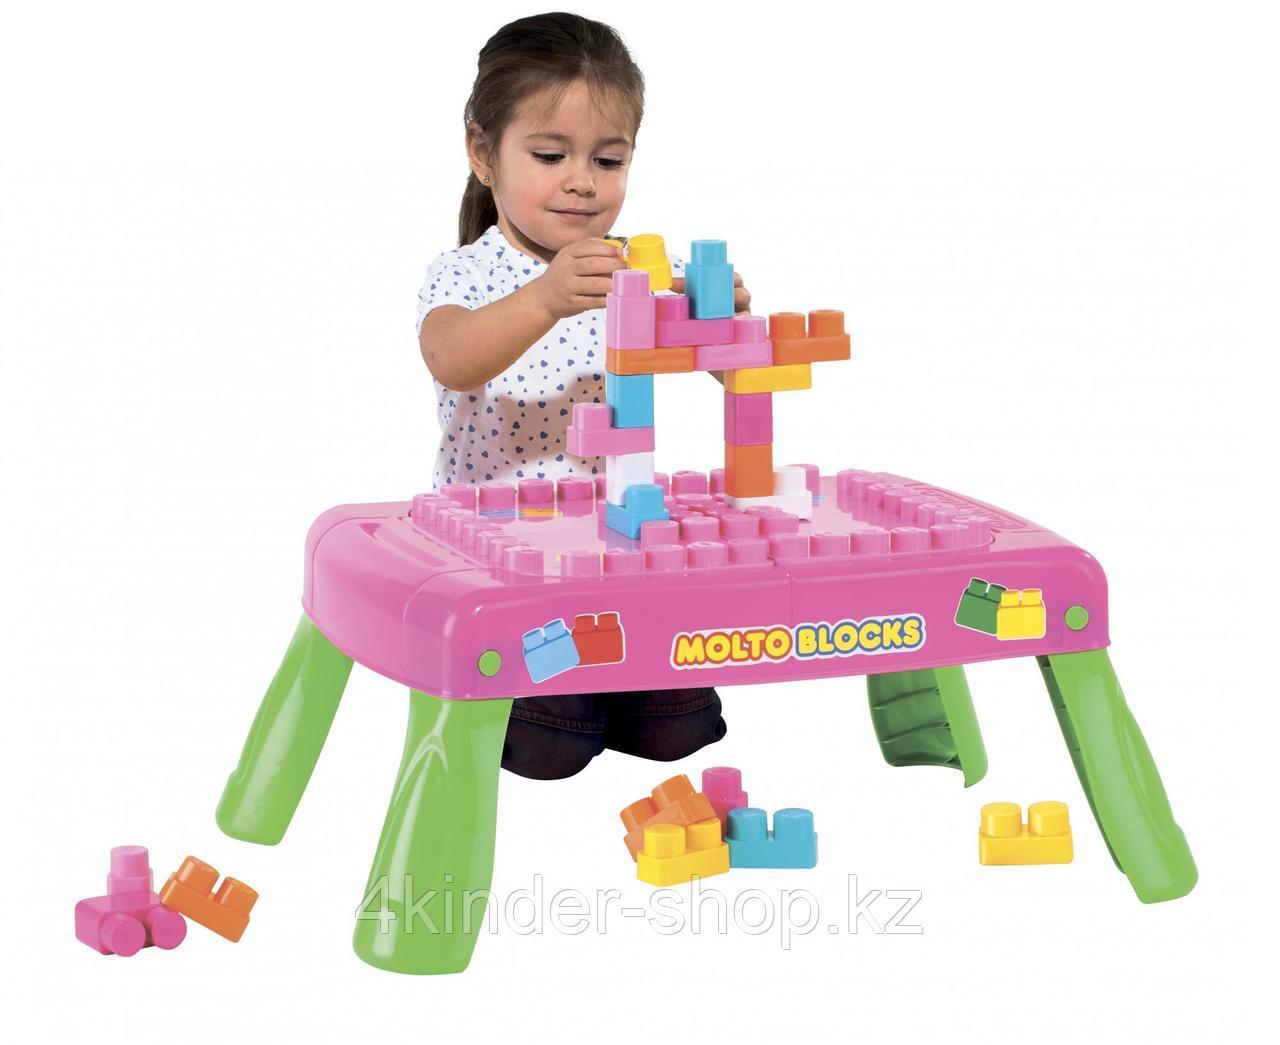 Игровой набор с конструктором в коробке (розовый) - фото 2